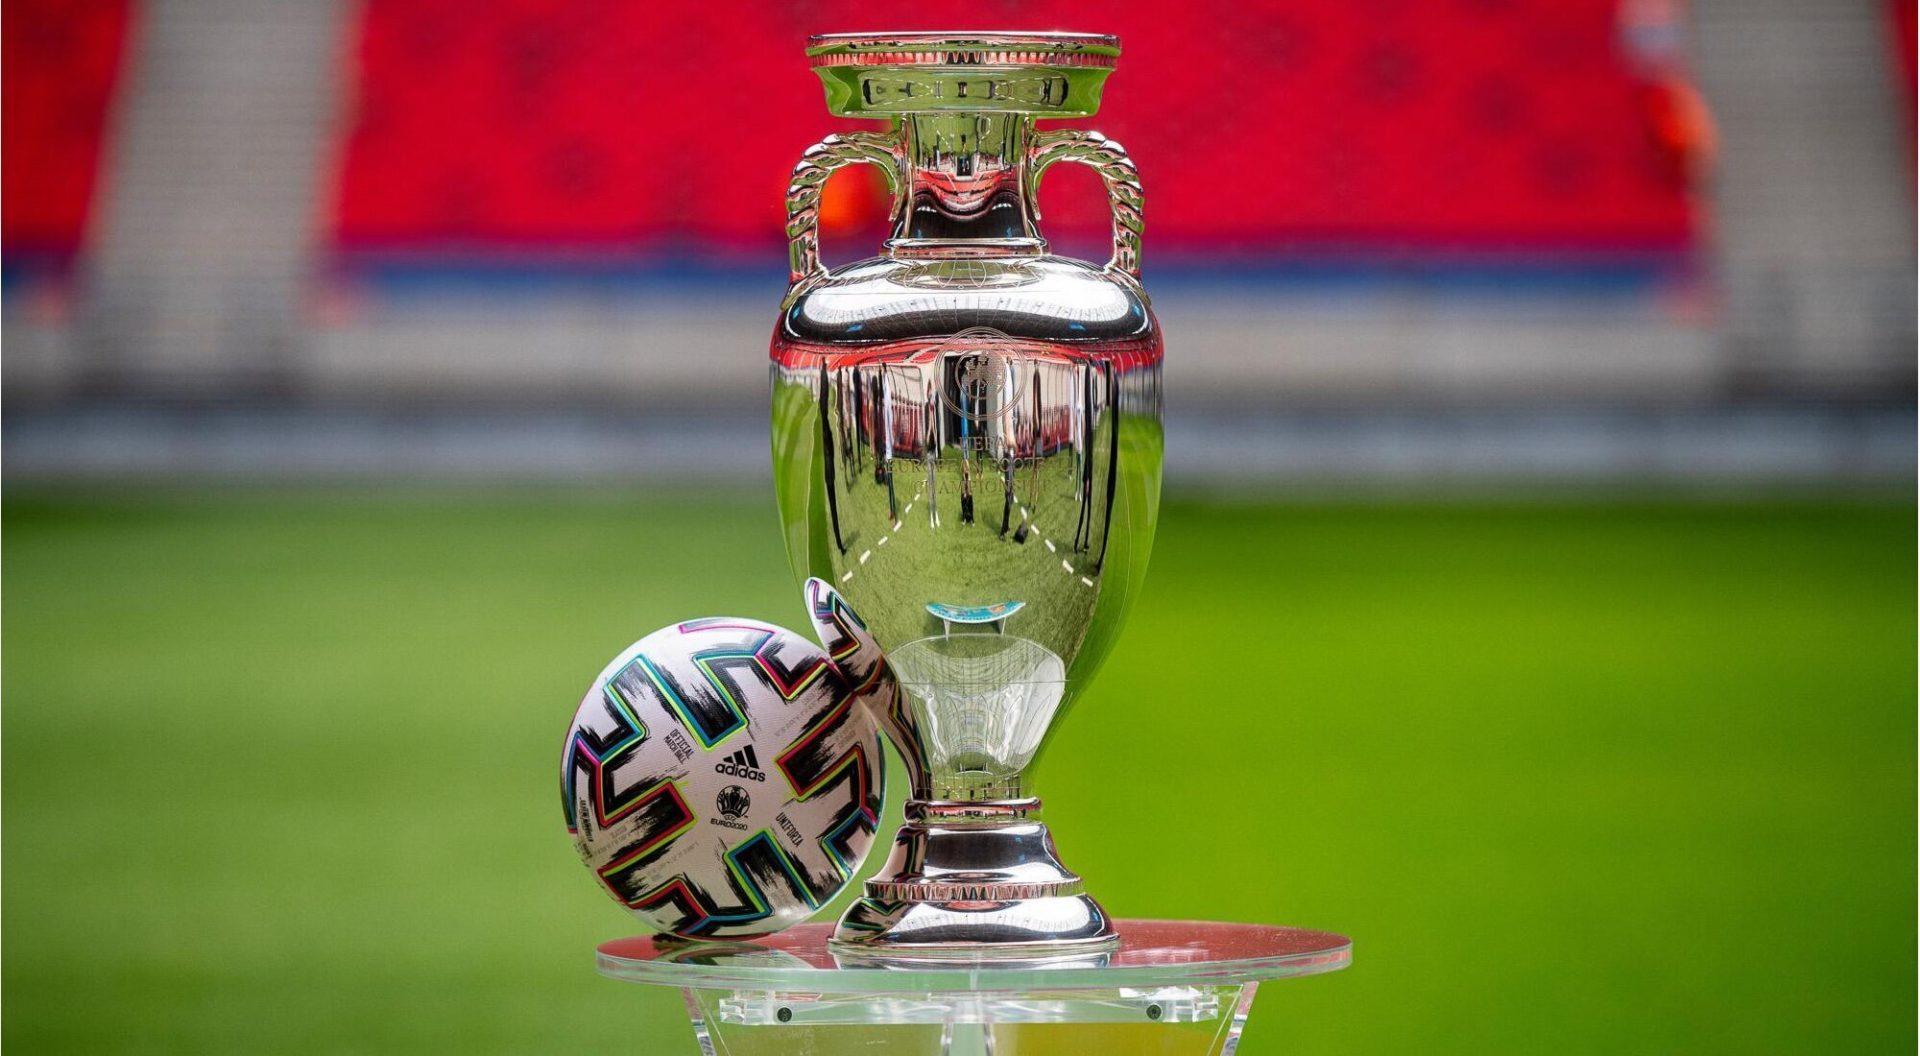 الاتحاد أمريكا الجنوبية الاقتراح بإقامة مباراة بين منتخب إيطاليا والأرجنتين